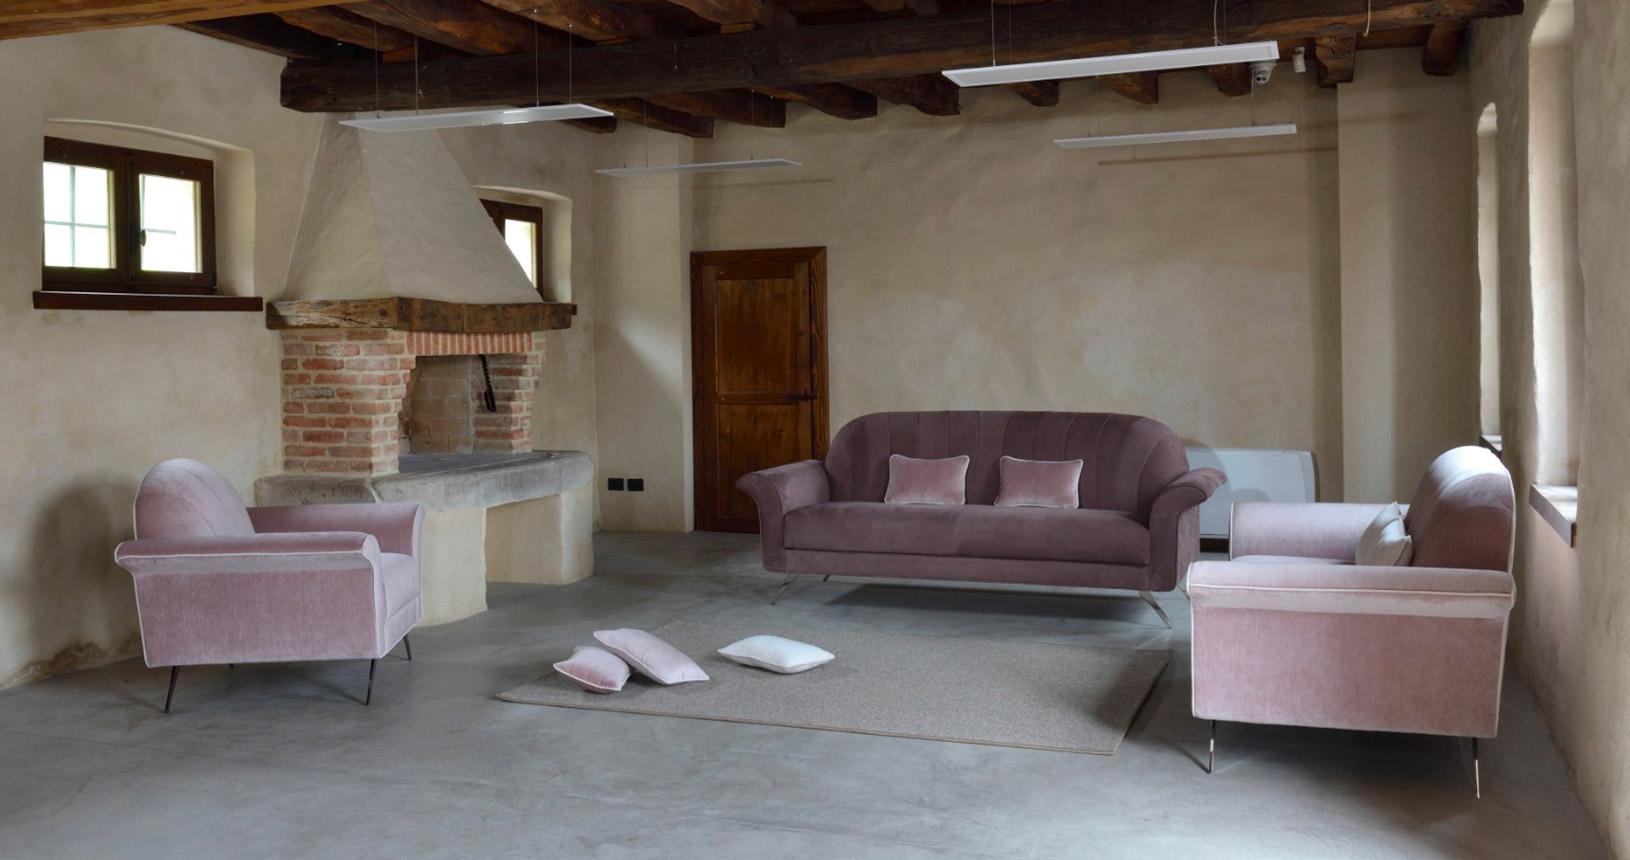 saffo-divani-salotto-divanileone-follina